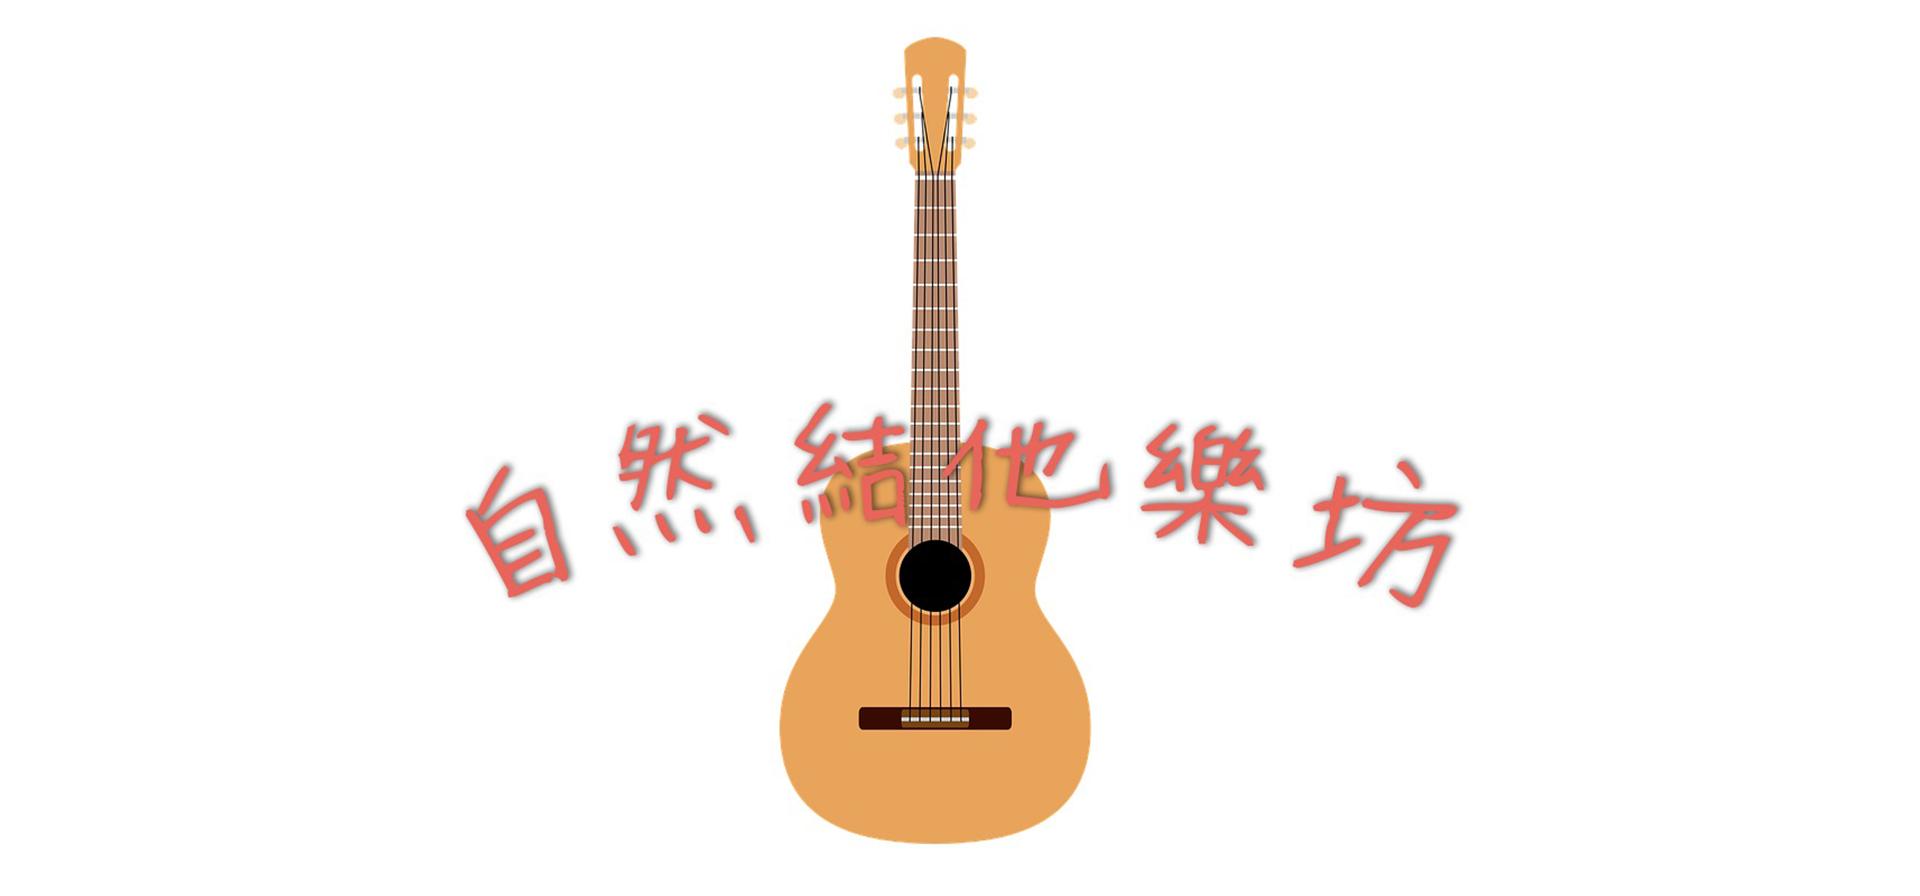 自然結他速成樂坊,Andrewsir,結他,超過30年,flamenco,民歌,古典結他,香港大會堂演奏廳,FLAMENCOANDREW與12門徒結他演奏會,得到喜愛,樂迷,捧場,座無虛席,親切,有耐心,超過20年結他教學生涯,教授超過1000名學生